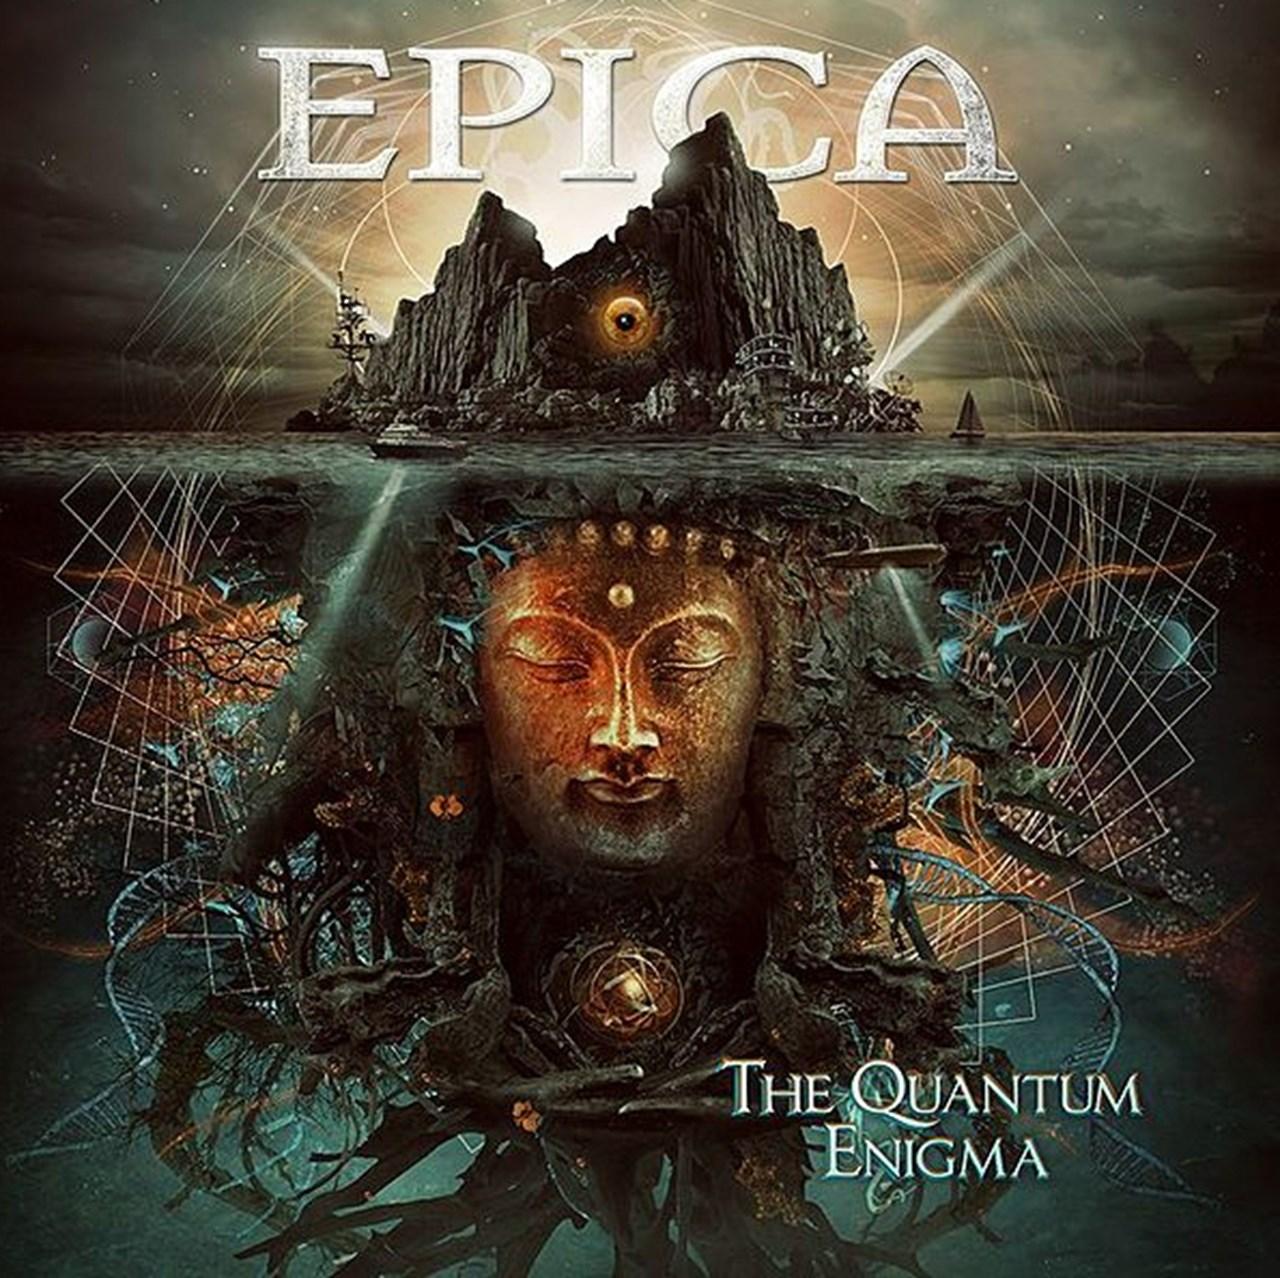 The Quantum Enigma - 1